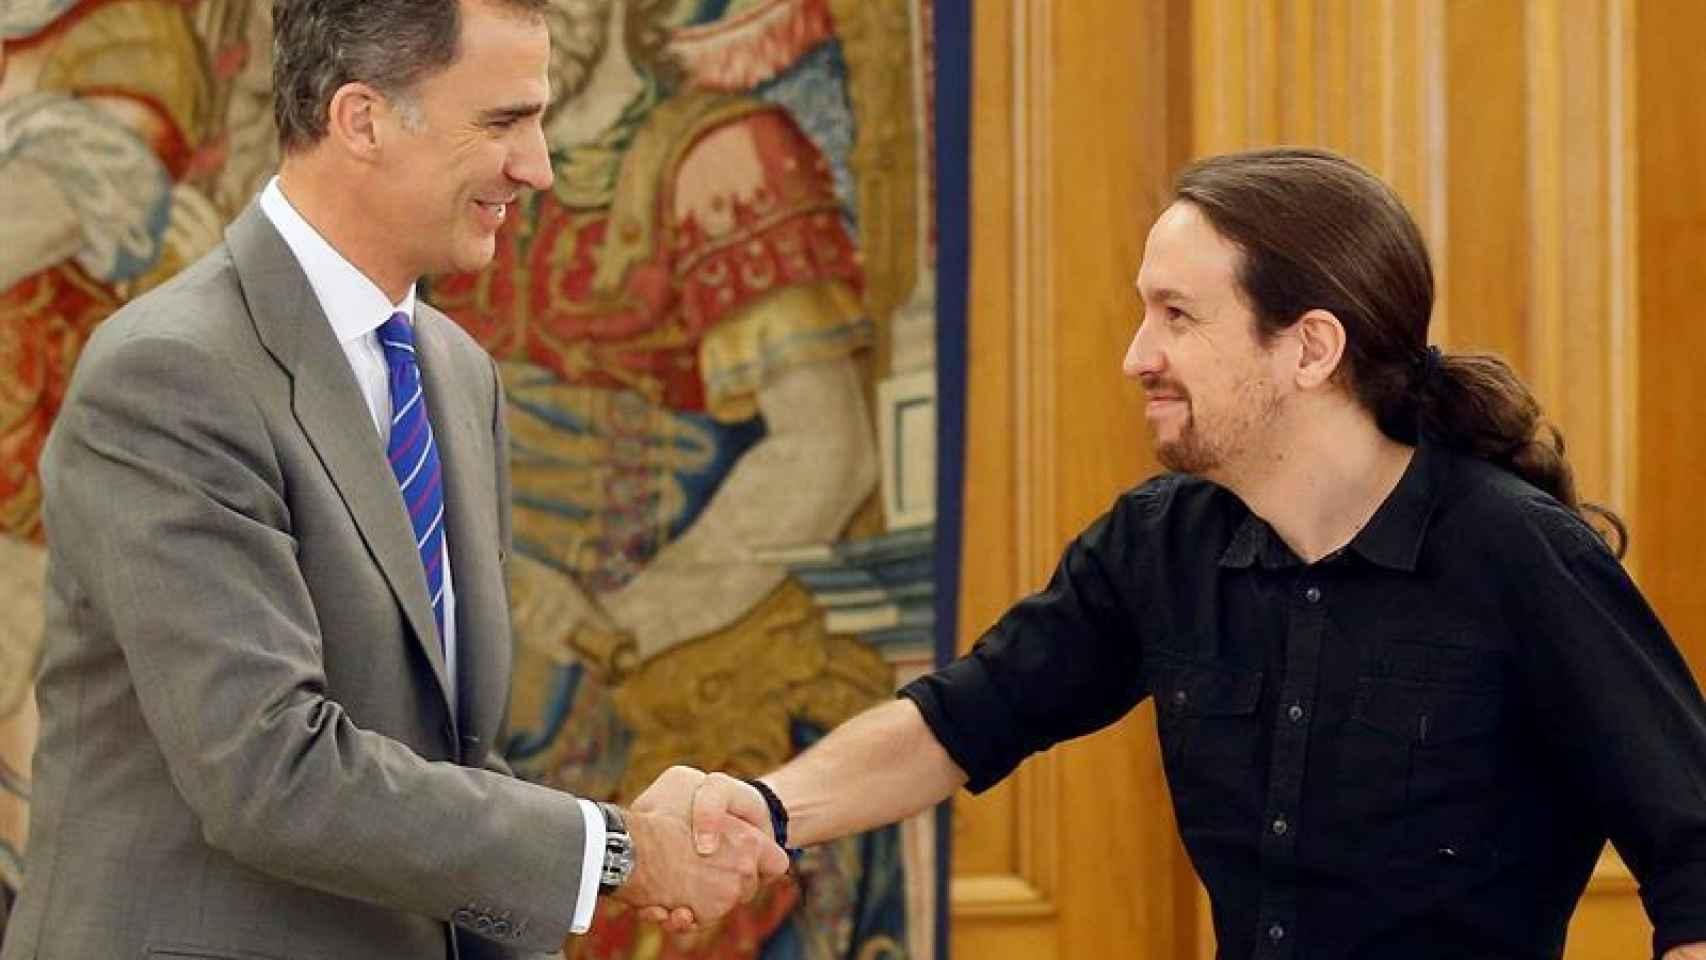 Felipe VI y Pablo Iglesias en una imagen de archivo.